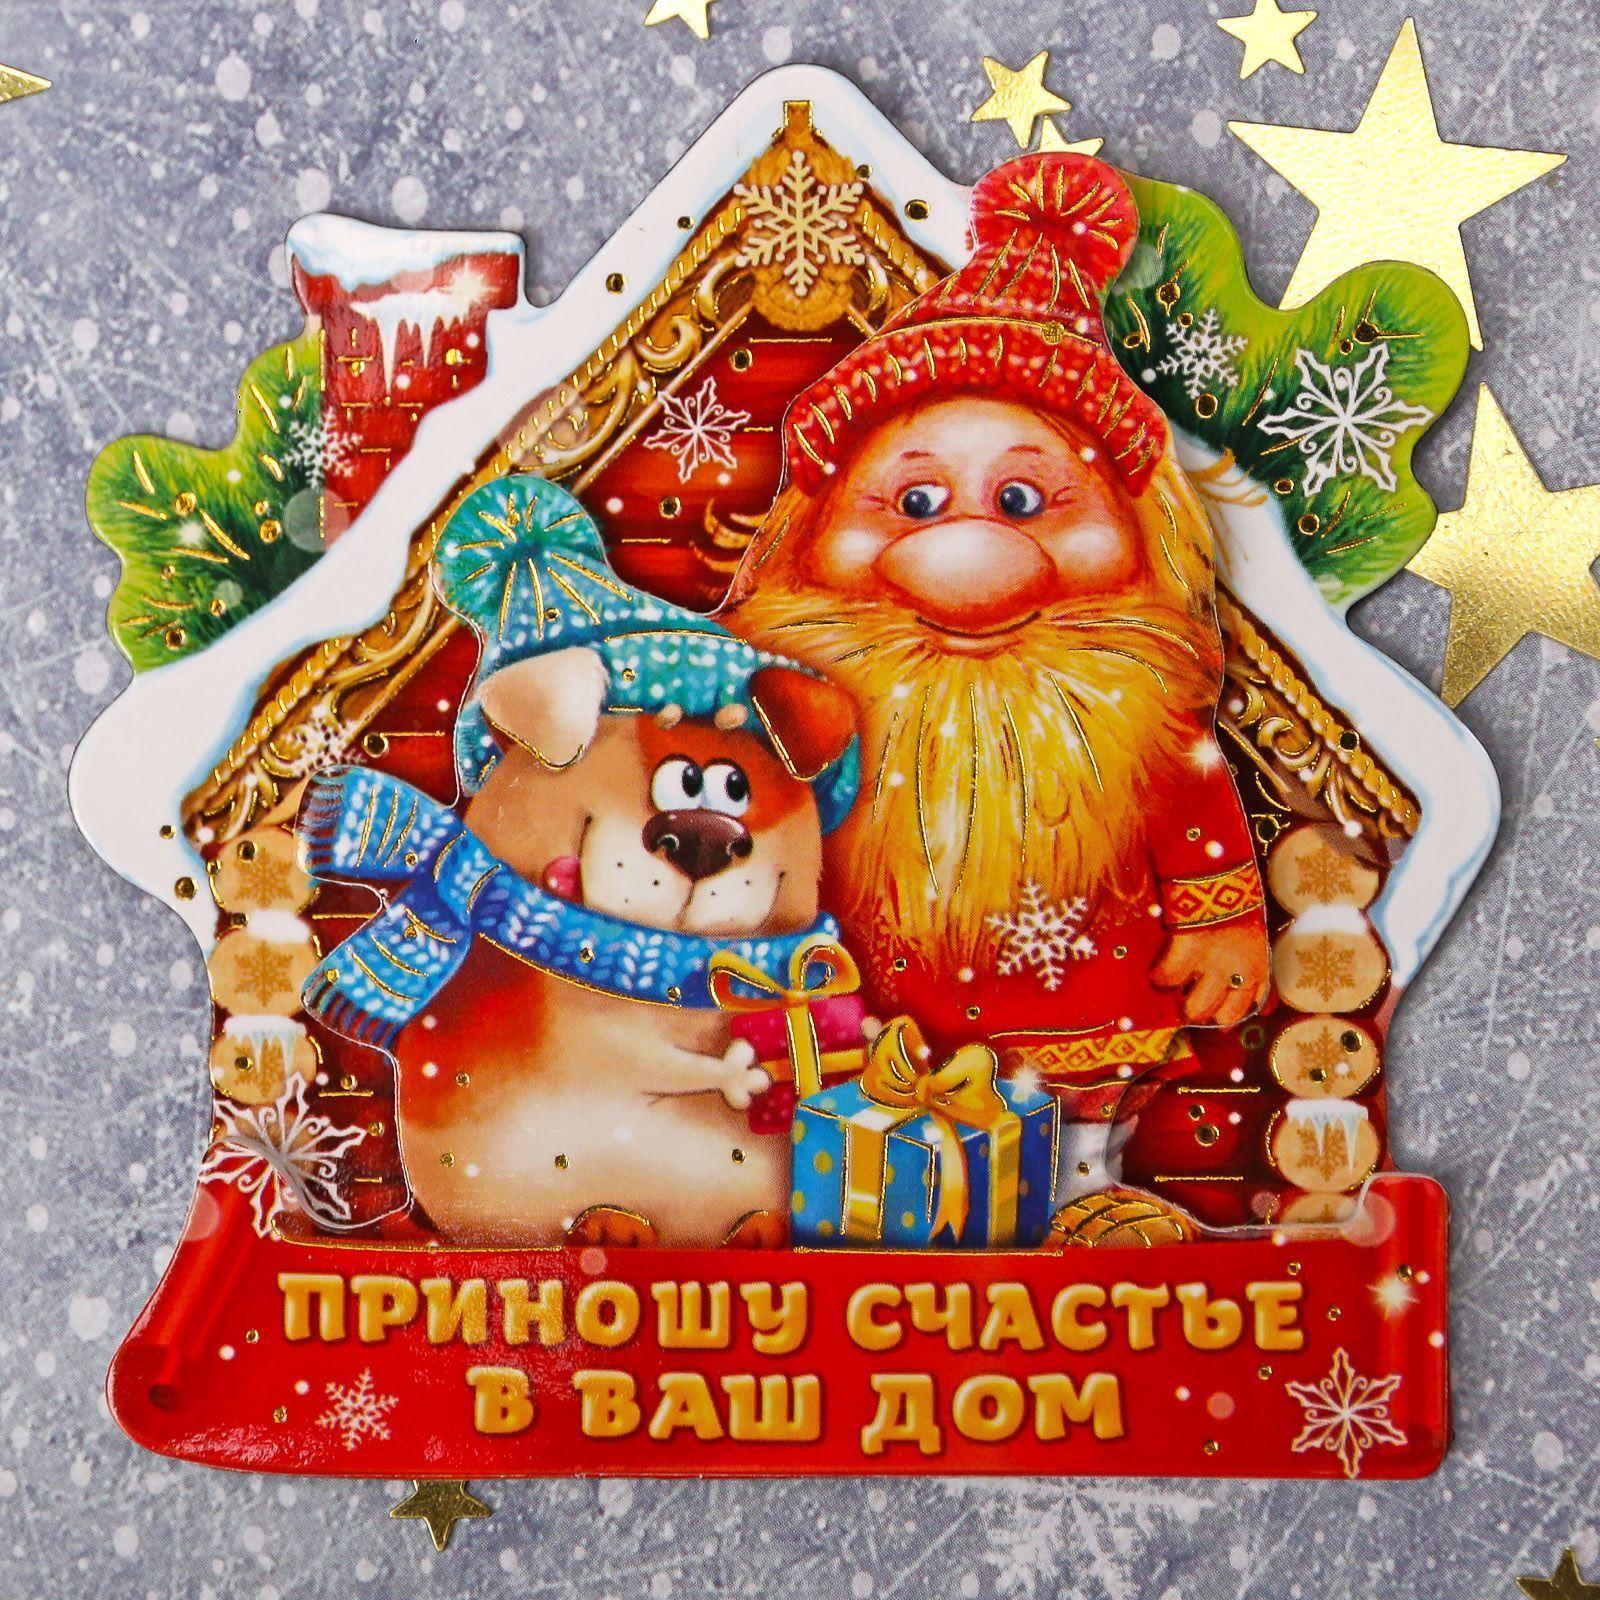 Магнит Sima-land Приношу счастье в ваш дом, 5,8 х 6,5 см2252402Порадуйте родных и близких оригинальным сувениром: преподнесите в подарок магнит. С ним даже самый серьёзный человек почувствует себя ребёнком, ожидающим чудо! Создайте праздничное настроение, и оно останется с вами на весь год.